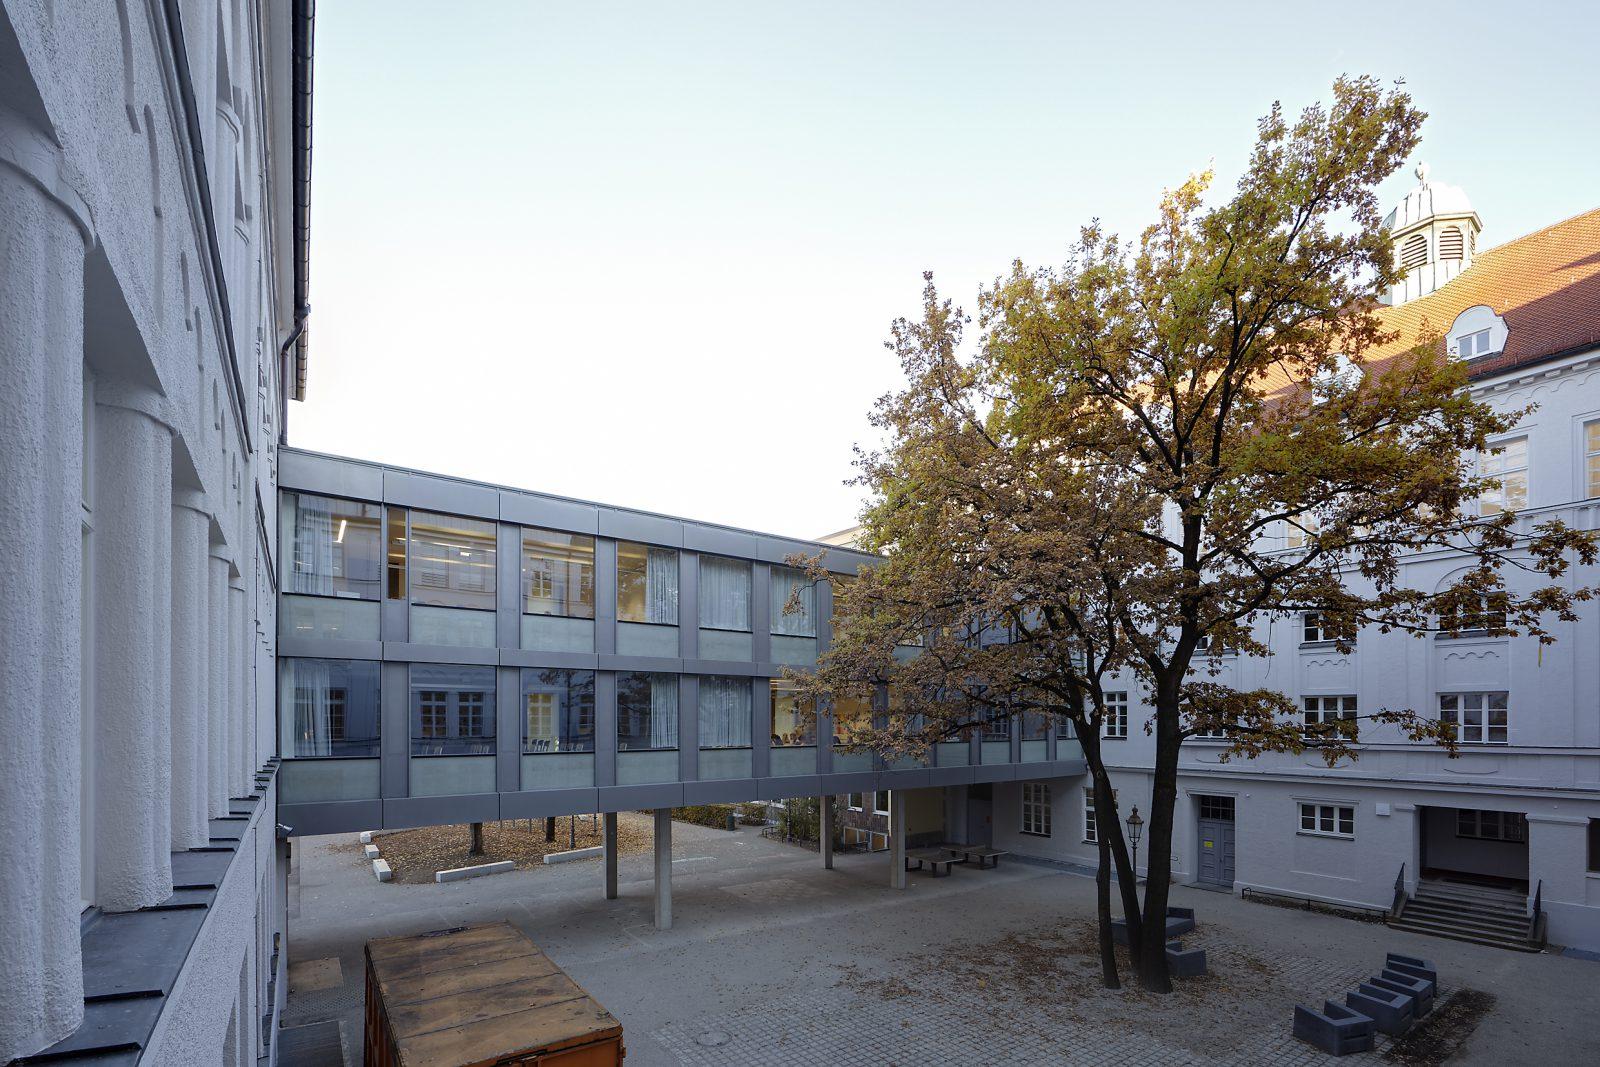 Generalsanierung, Umbau und Erweiterung St. Anna-Gymnasium, München